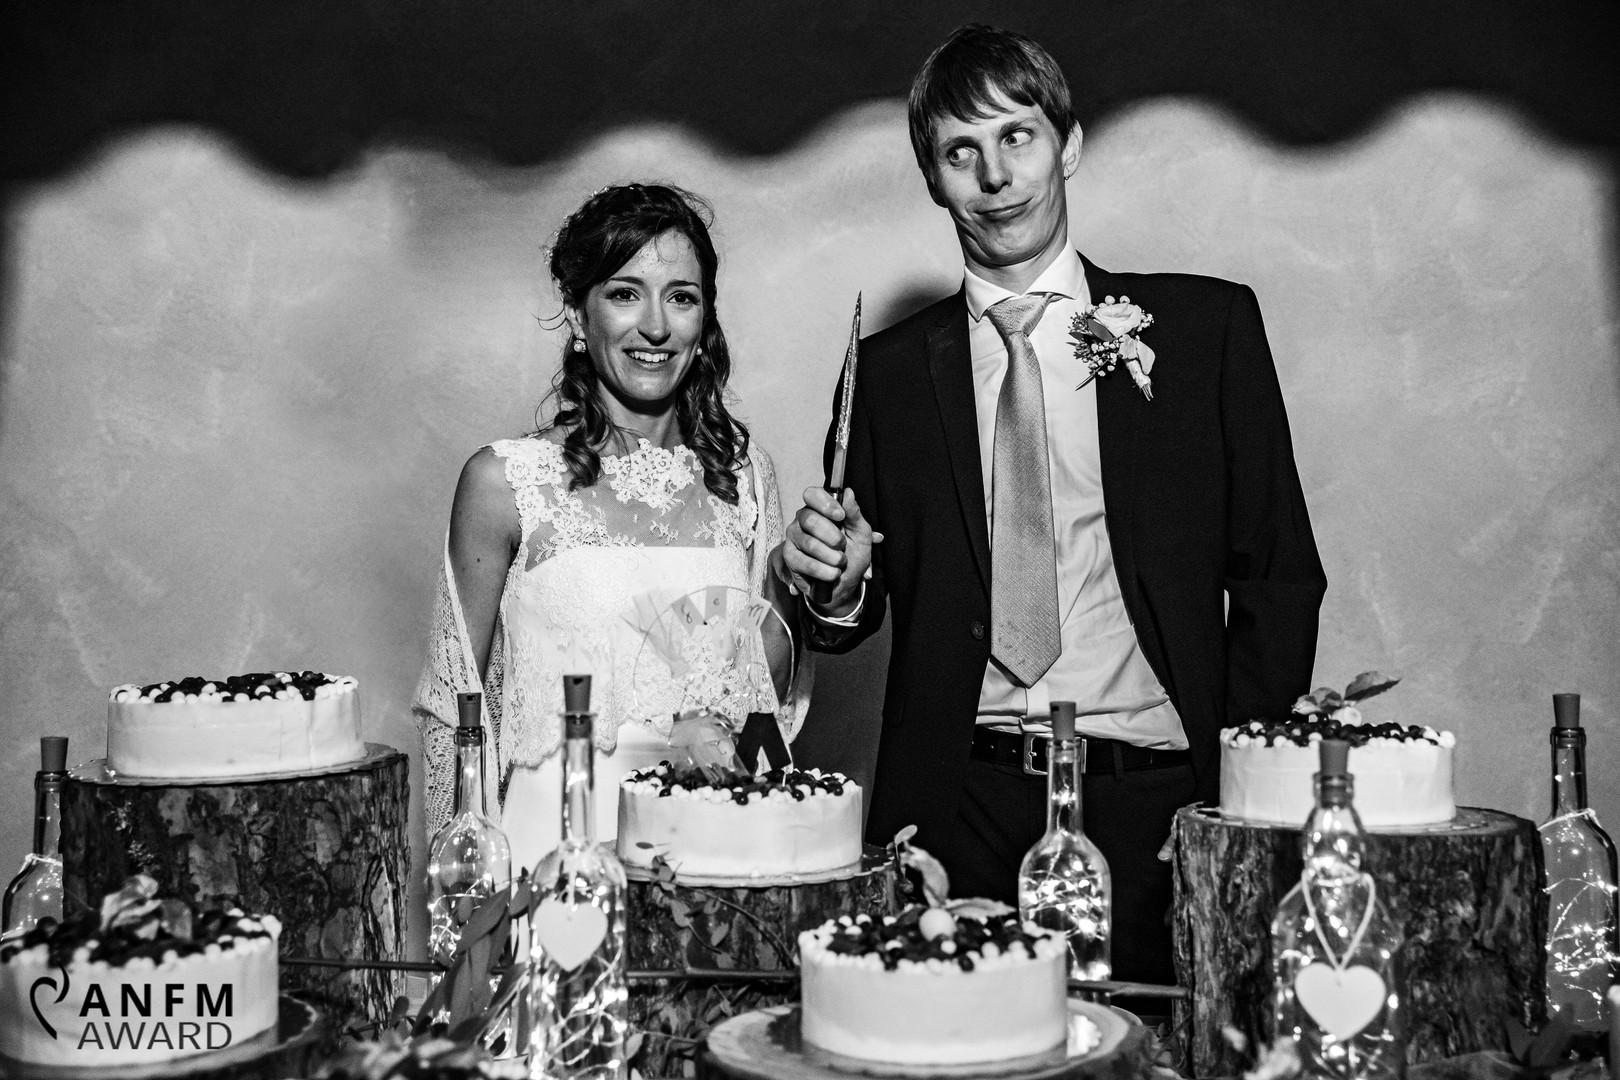 anfm-award-premio-italiano-di-fotografia-di-matrimonio